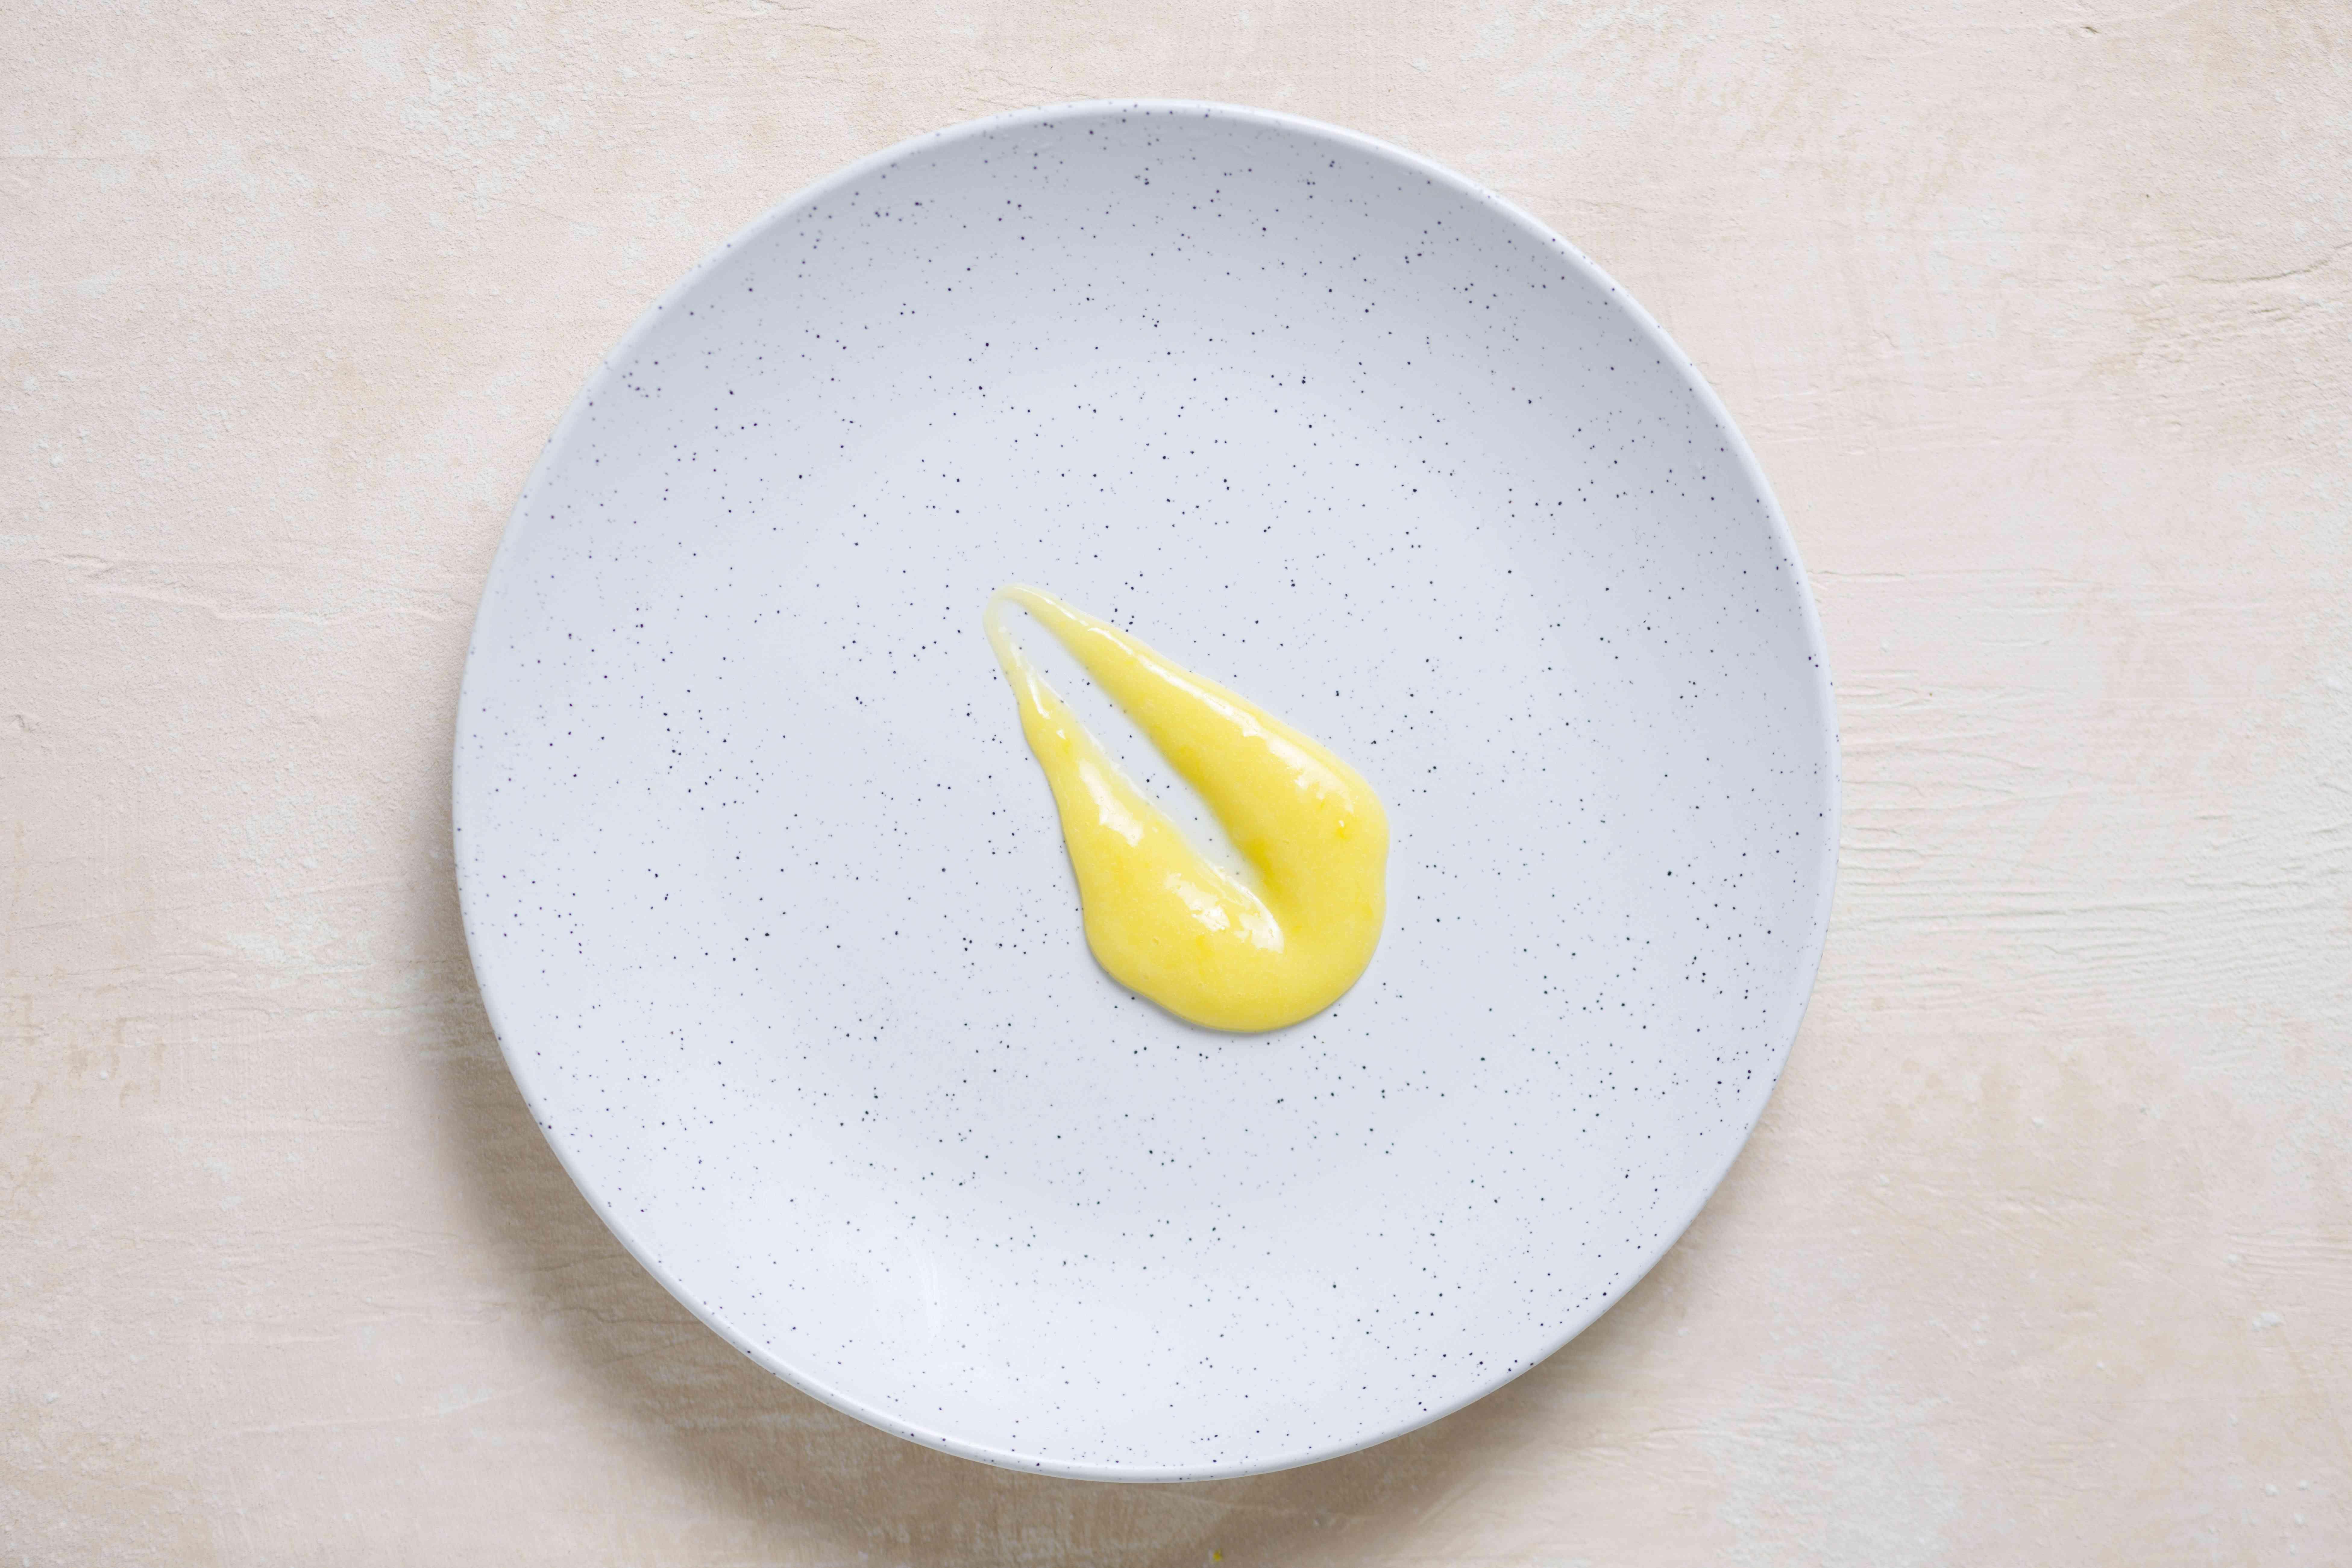 lemon curd on a plate